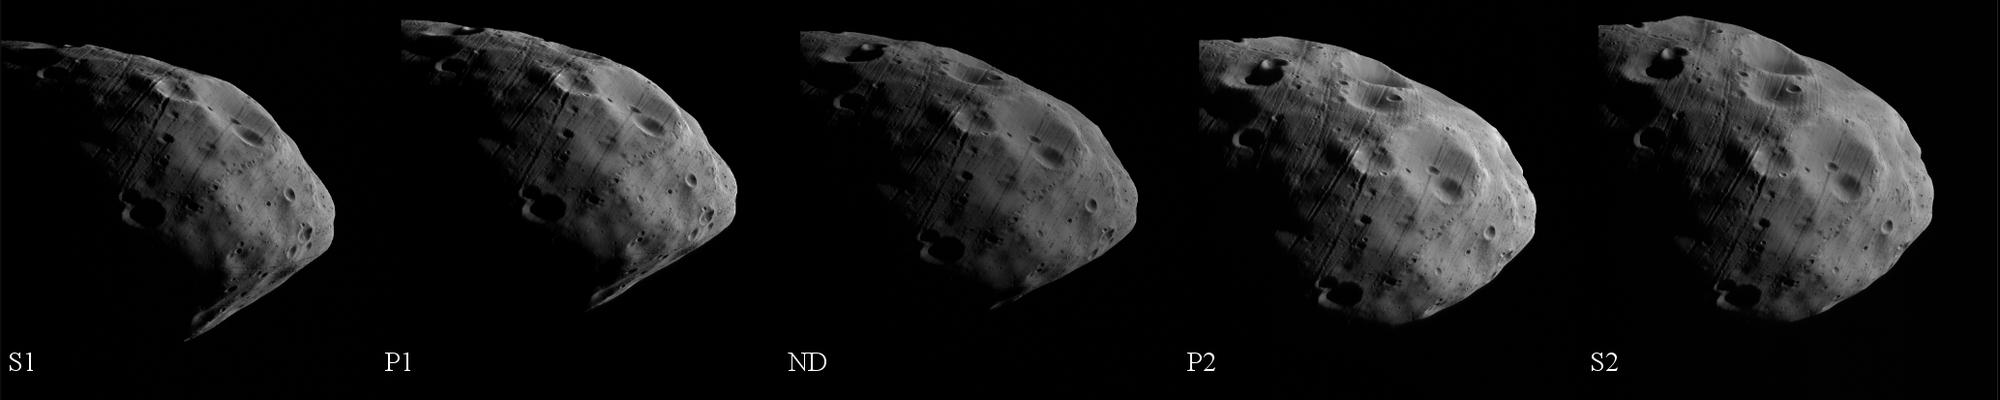 Der Marsmond Phobos